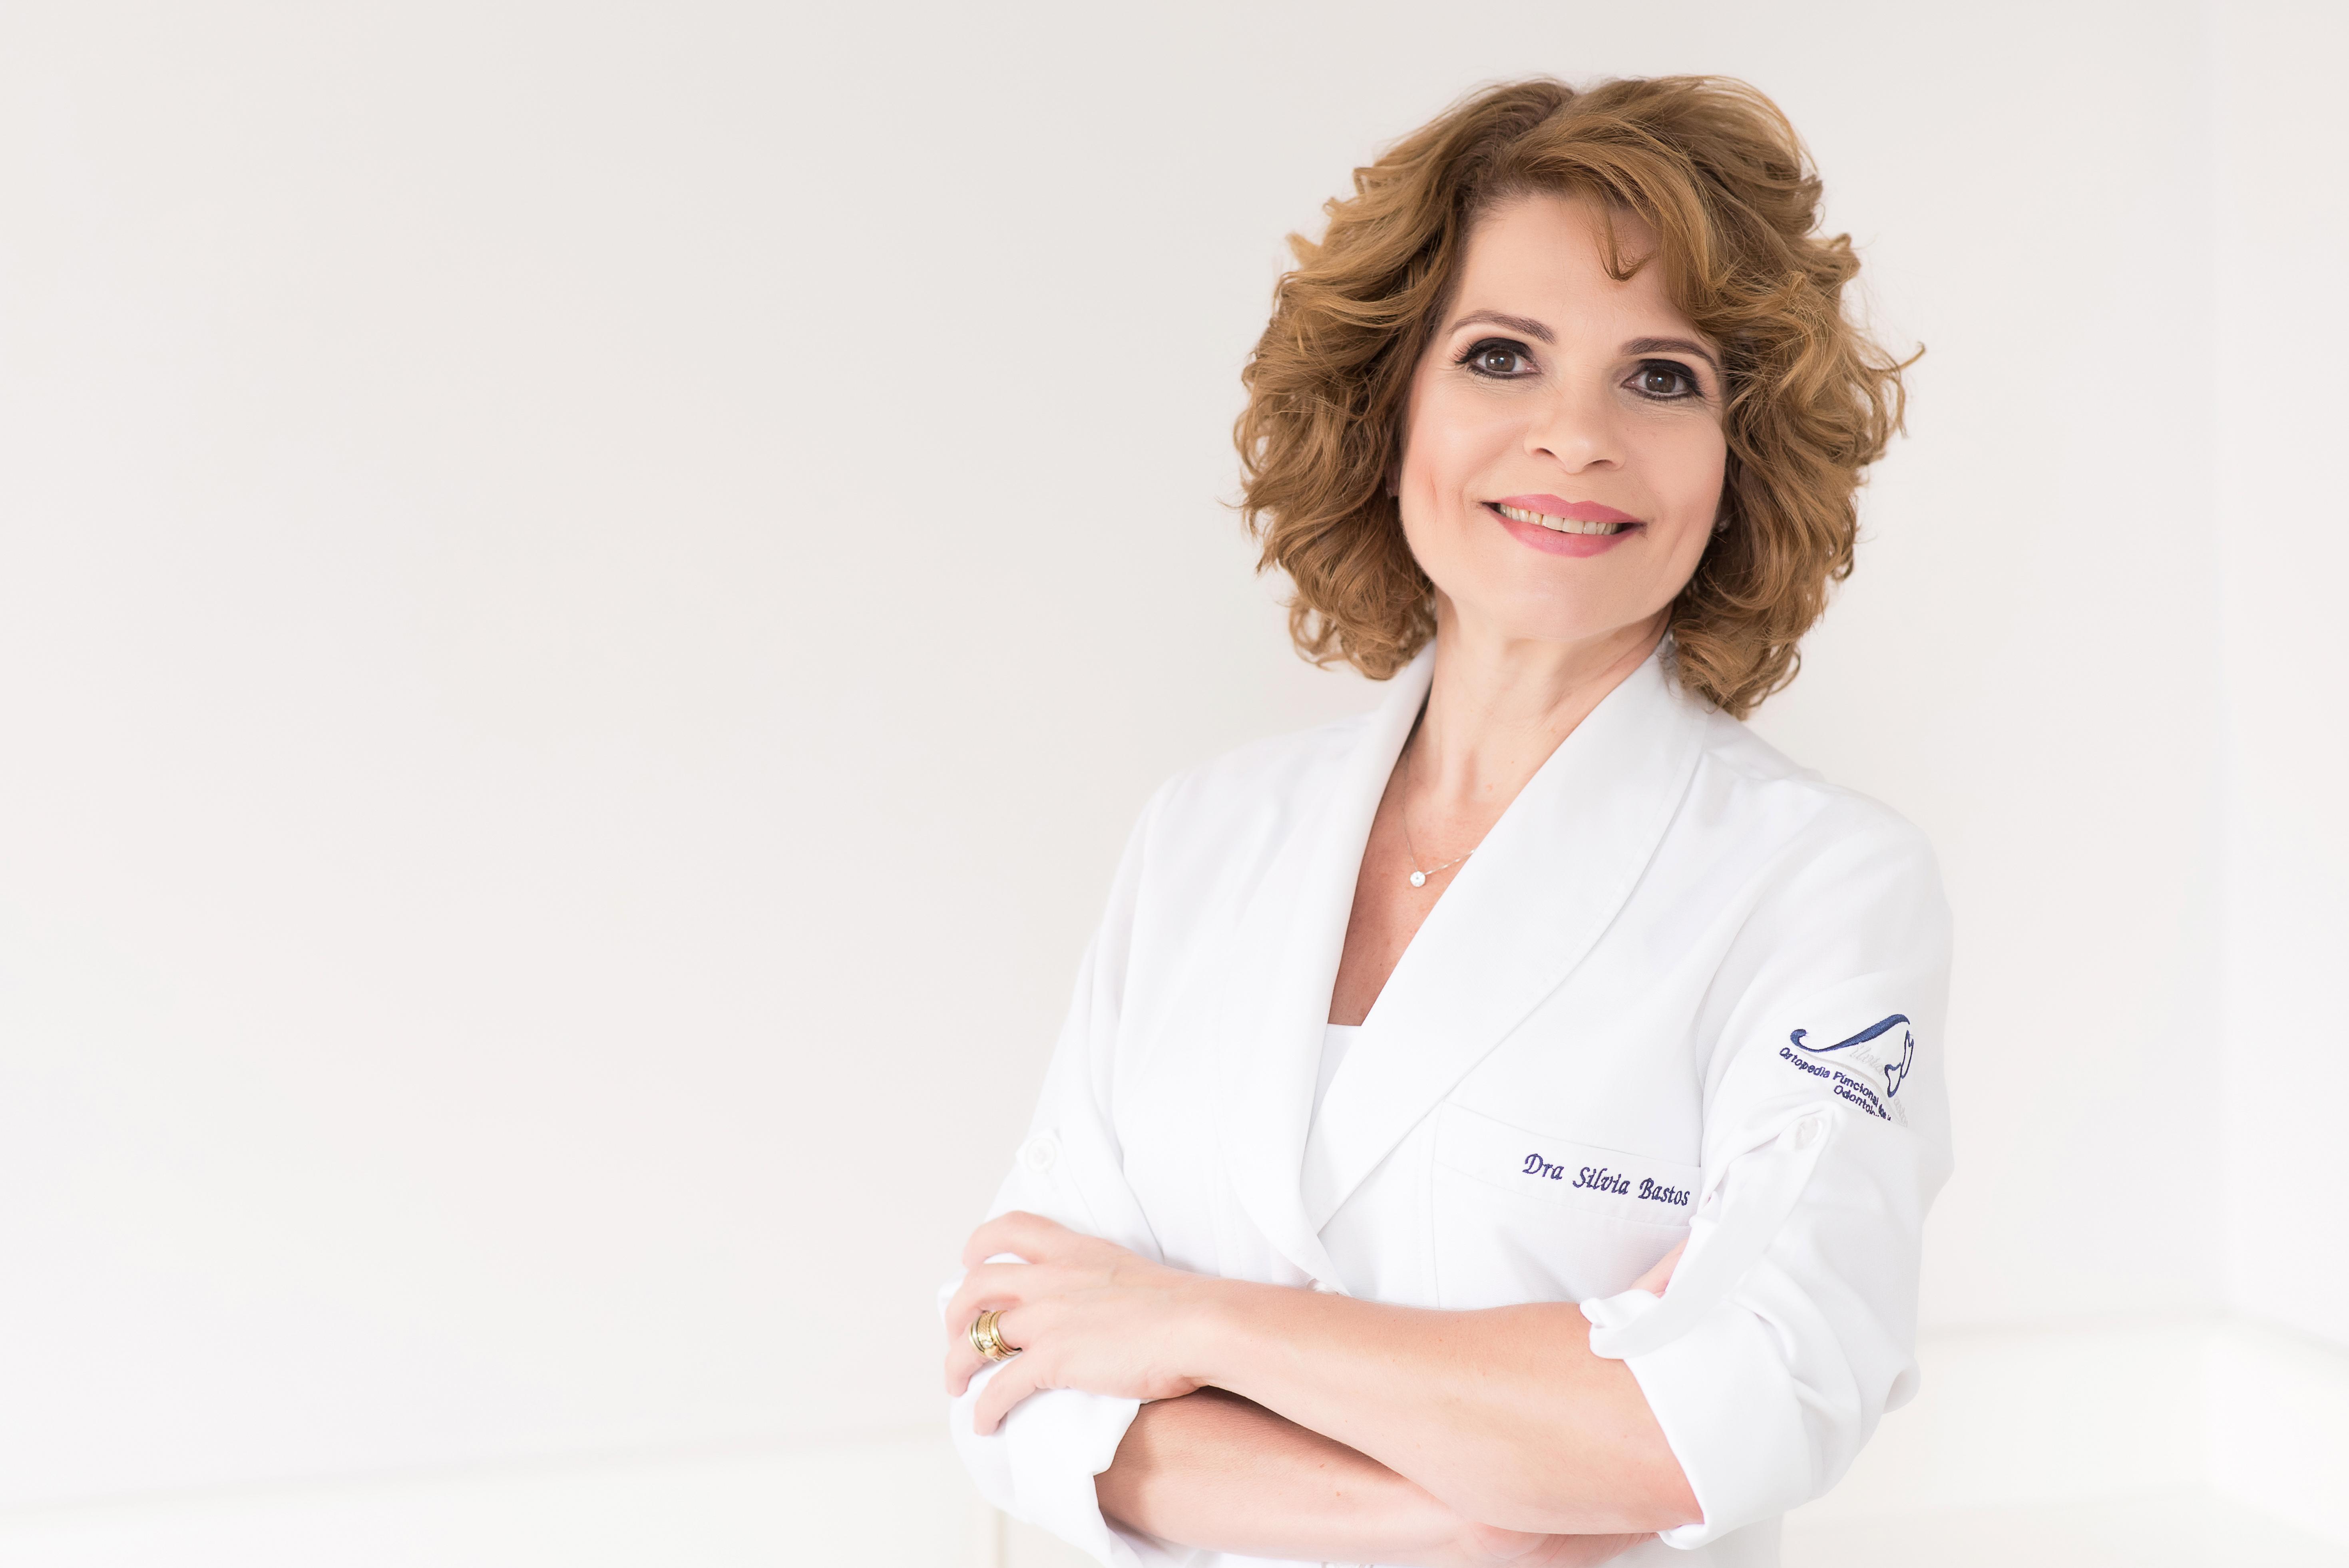 Clínica de Ortopedia Funcional dos Maxilares - Dra Silvia Bastos